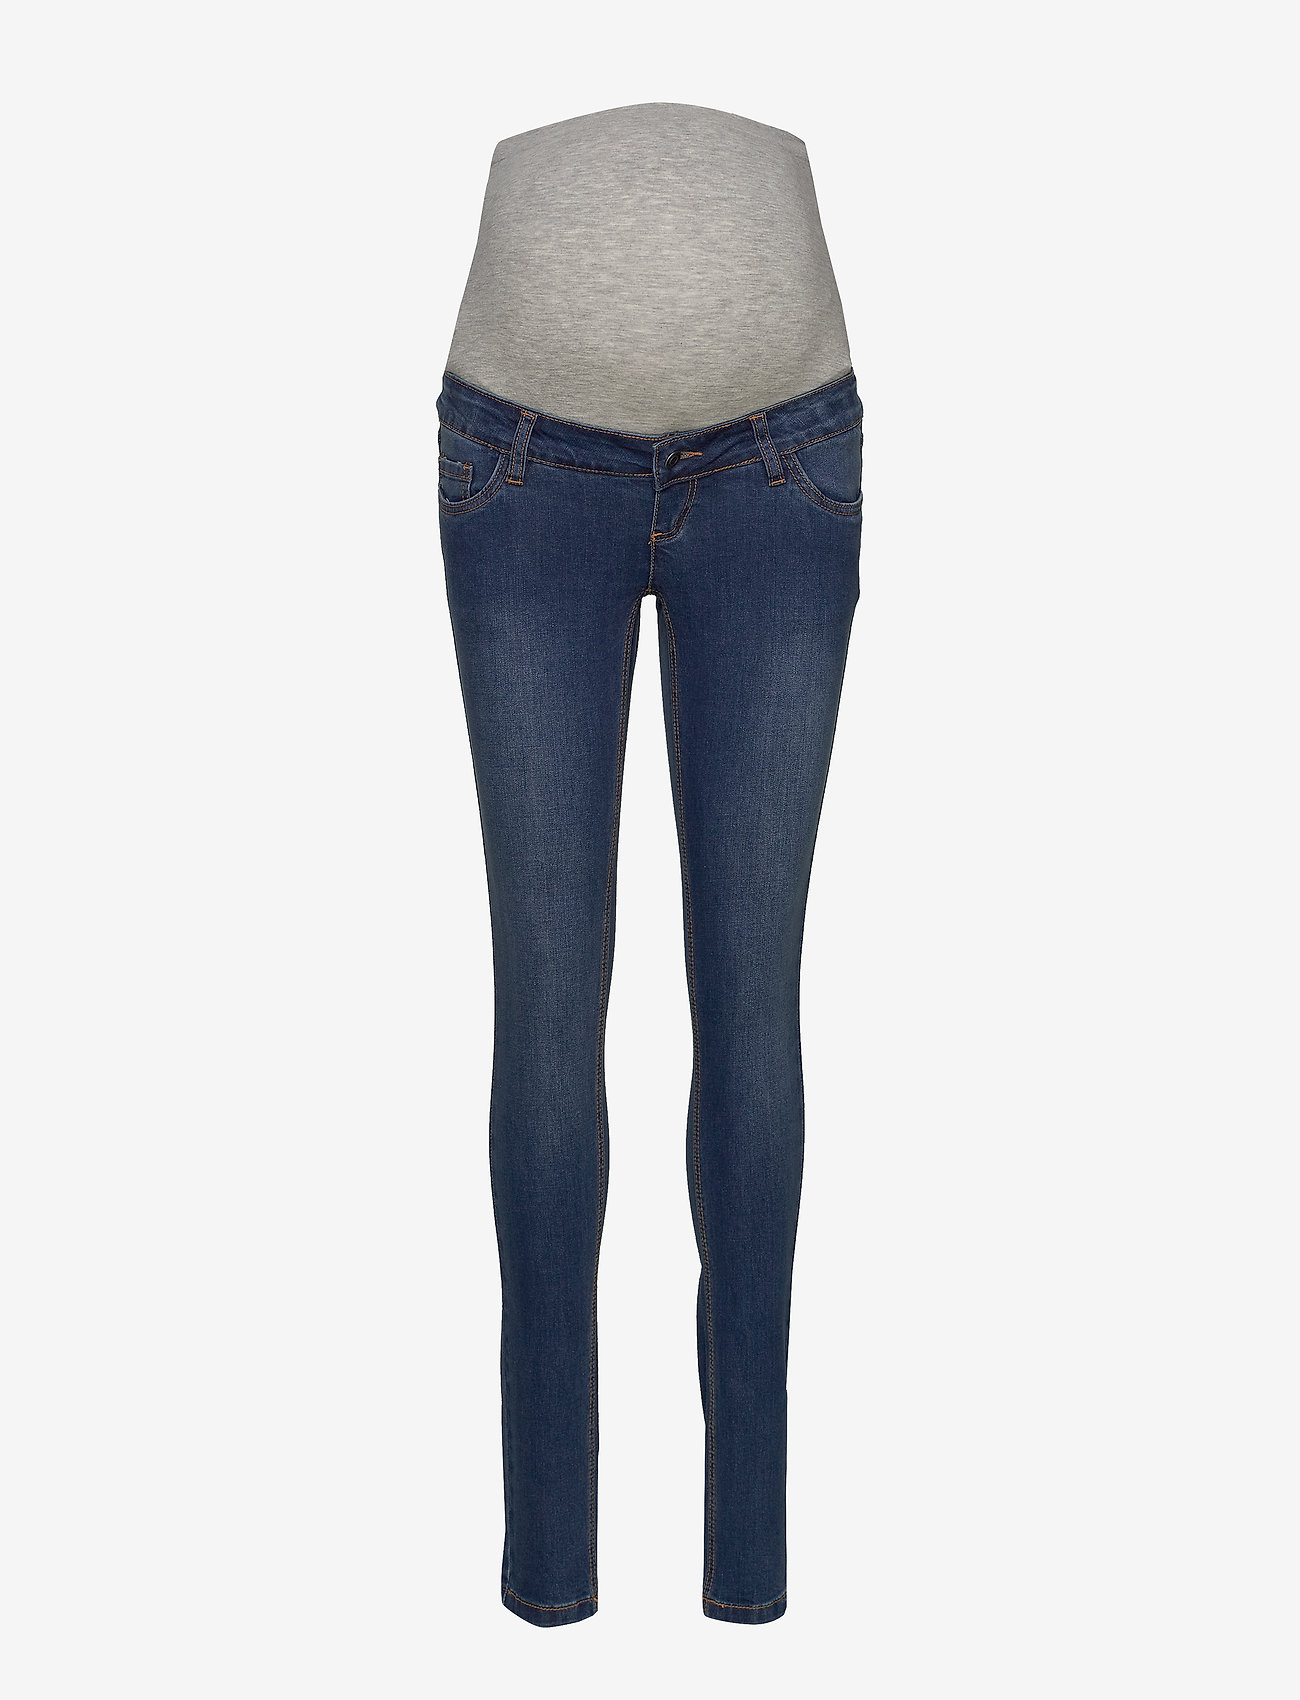 Mamalicious - MLLOLA SLIM BLUE JEANS - slim jeans - blue denim - 0